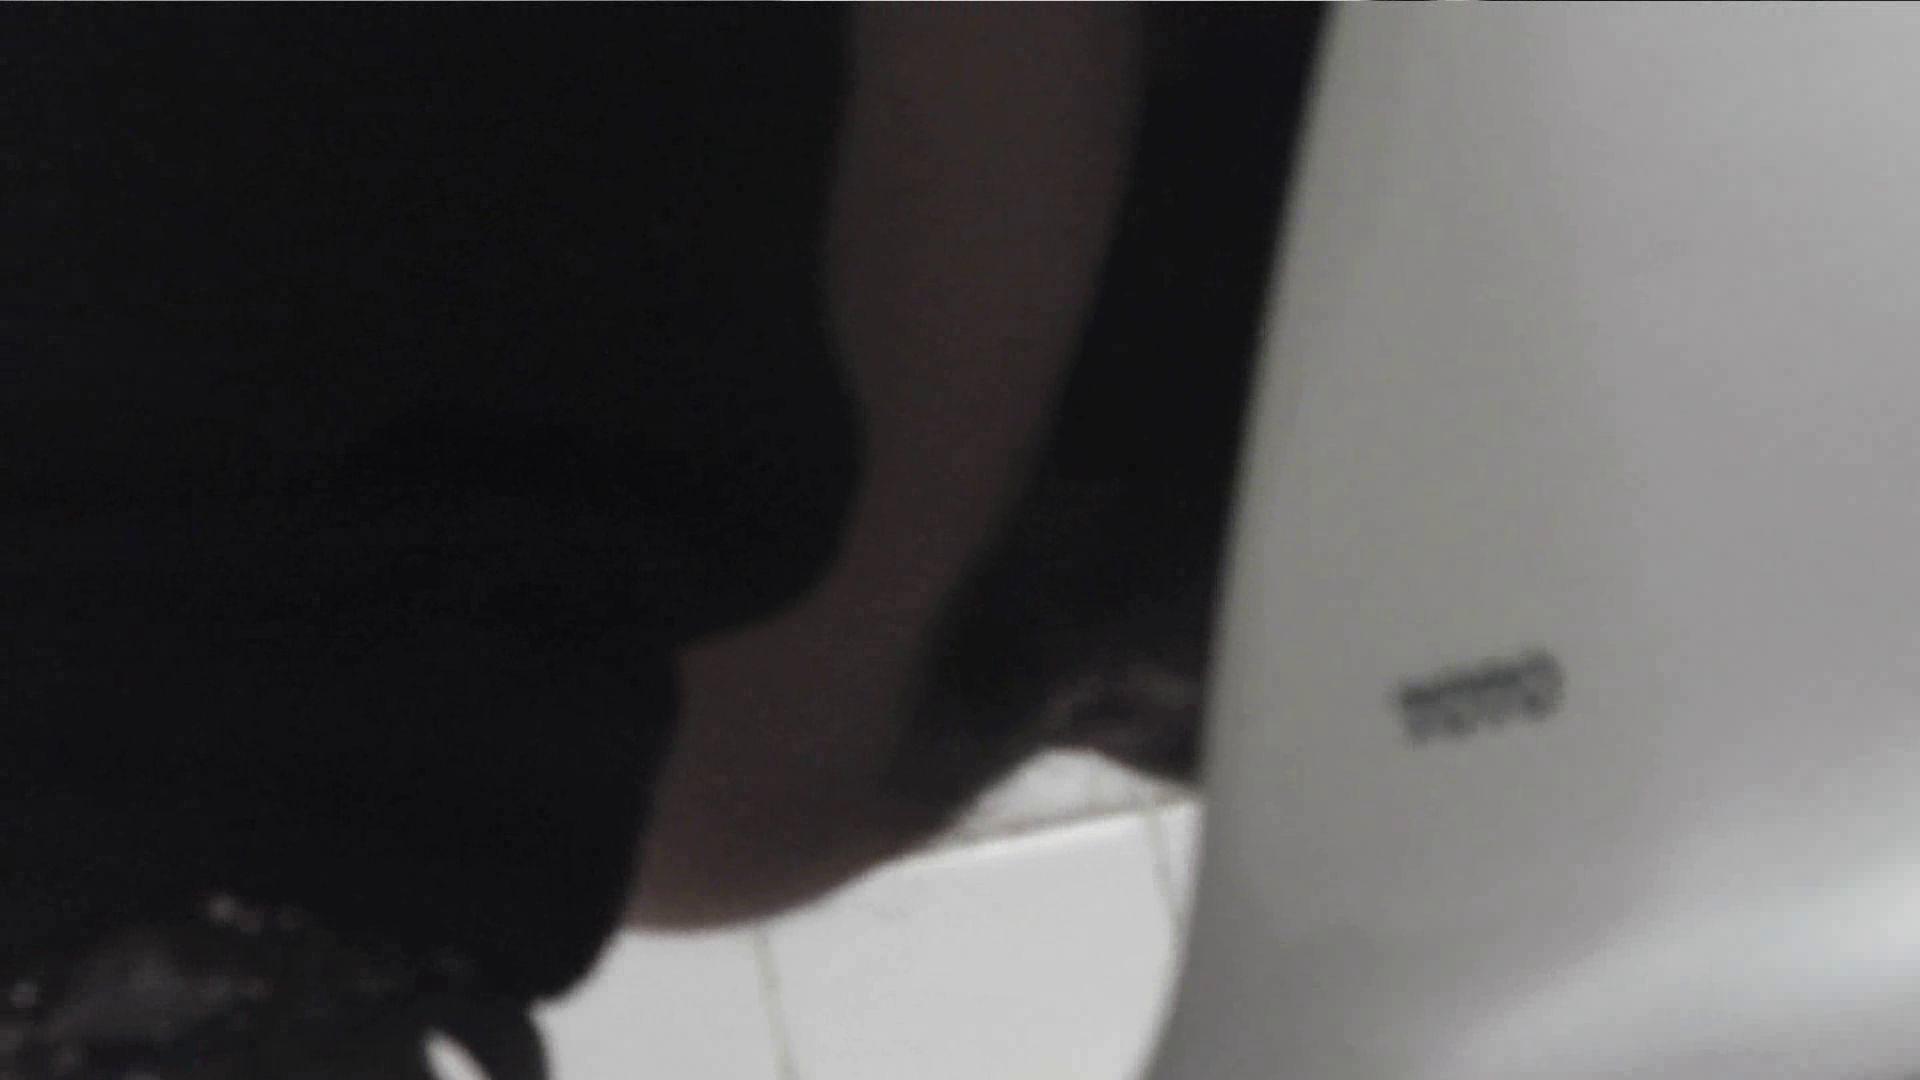 vol.28 命がけ潜伏洗面所! ∑(゚Д゚)アッ! エロティックなOL  106画像 50